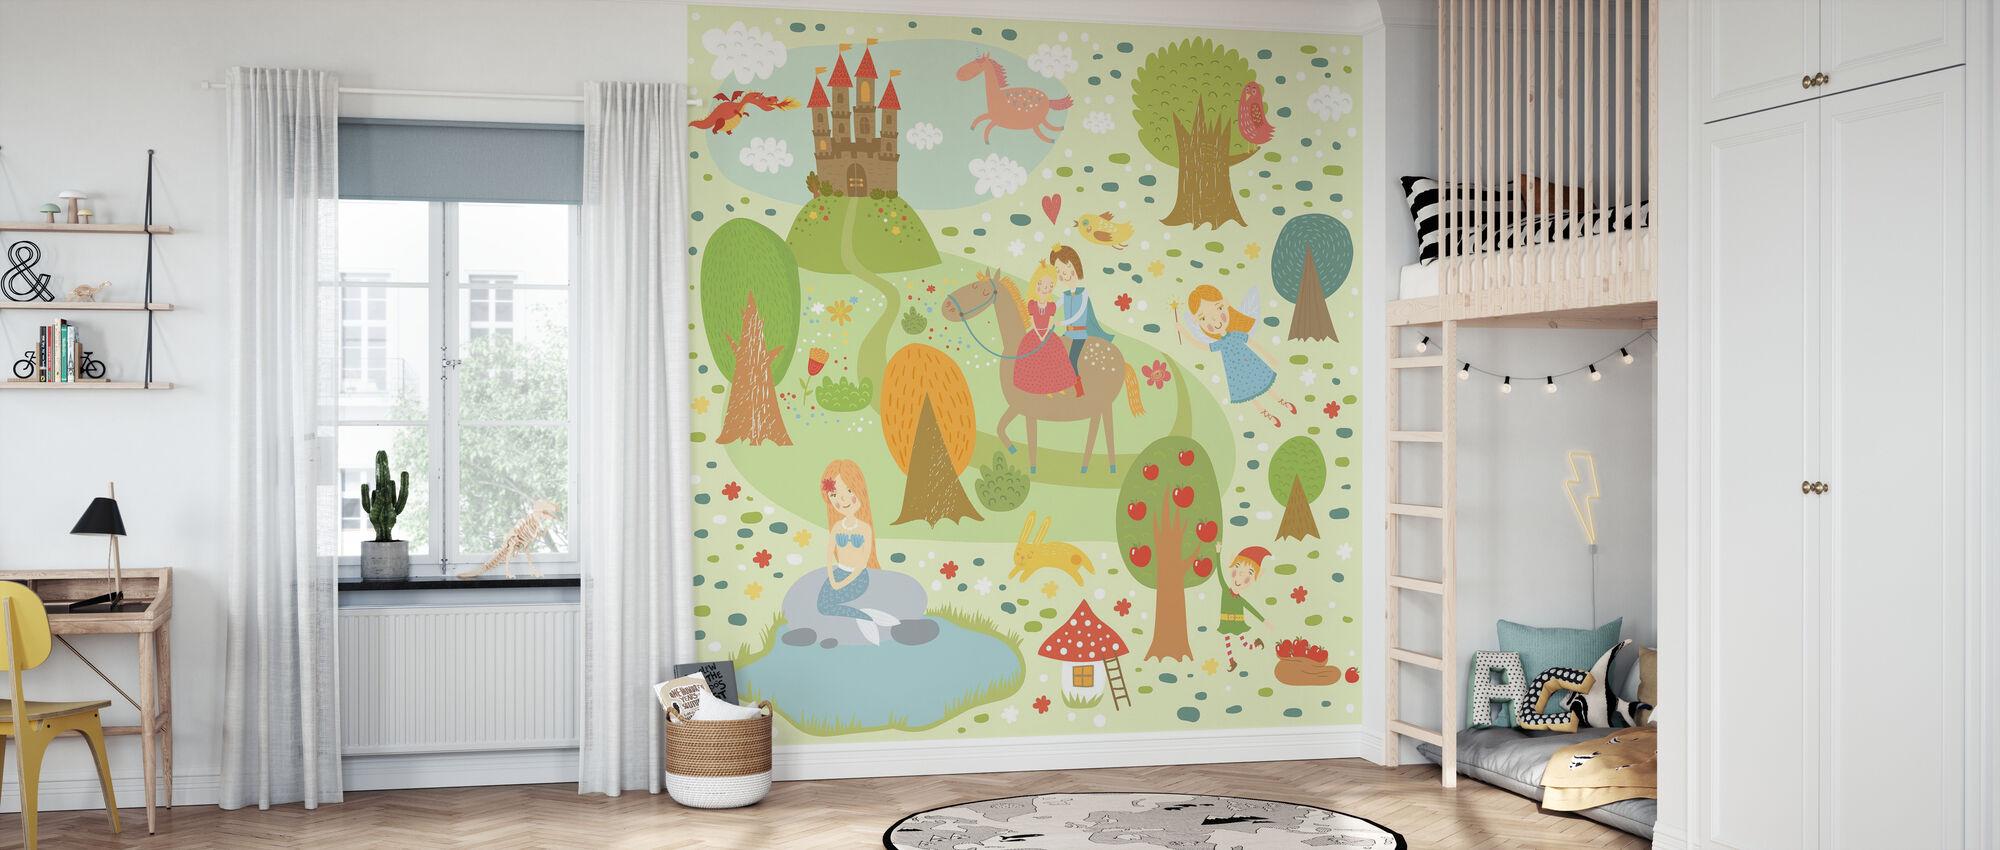 Fairy Tale XL - Wallpaper - Kids Room